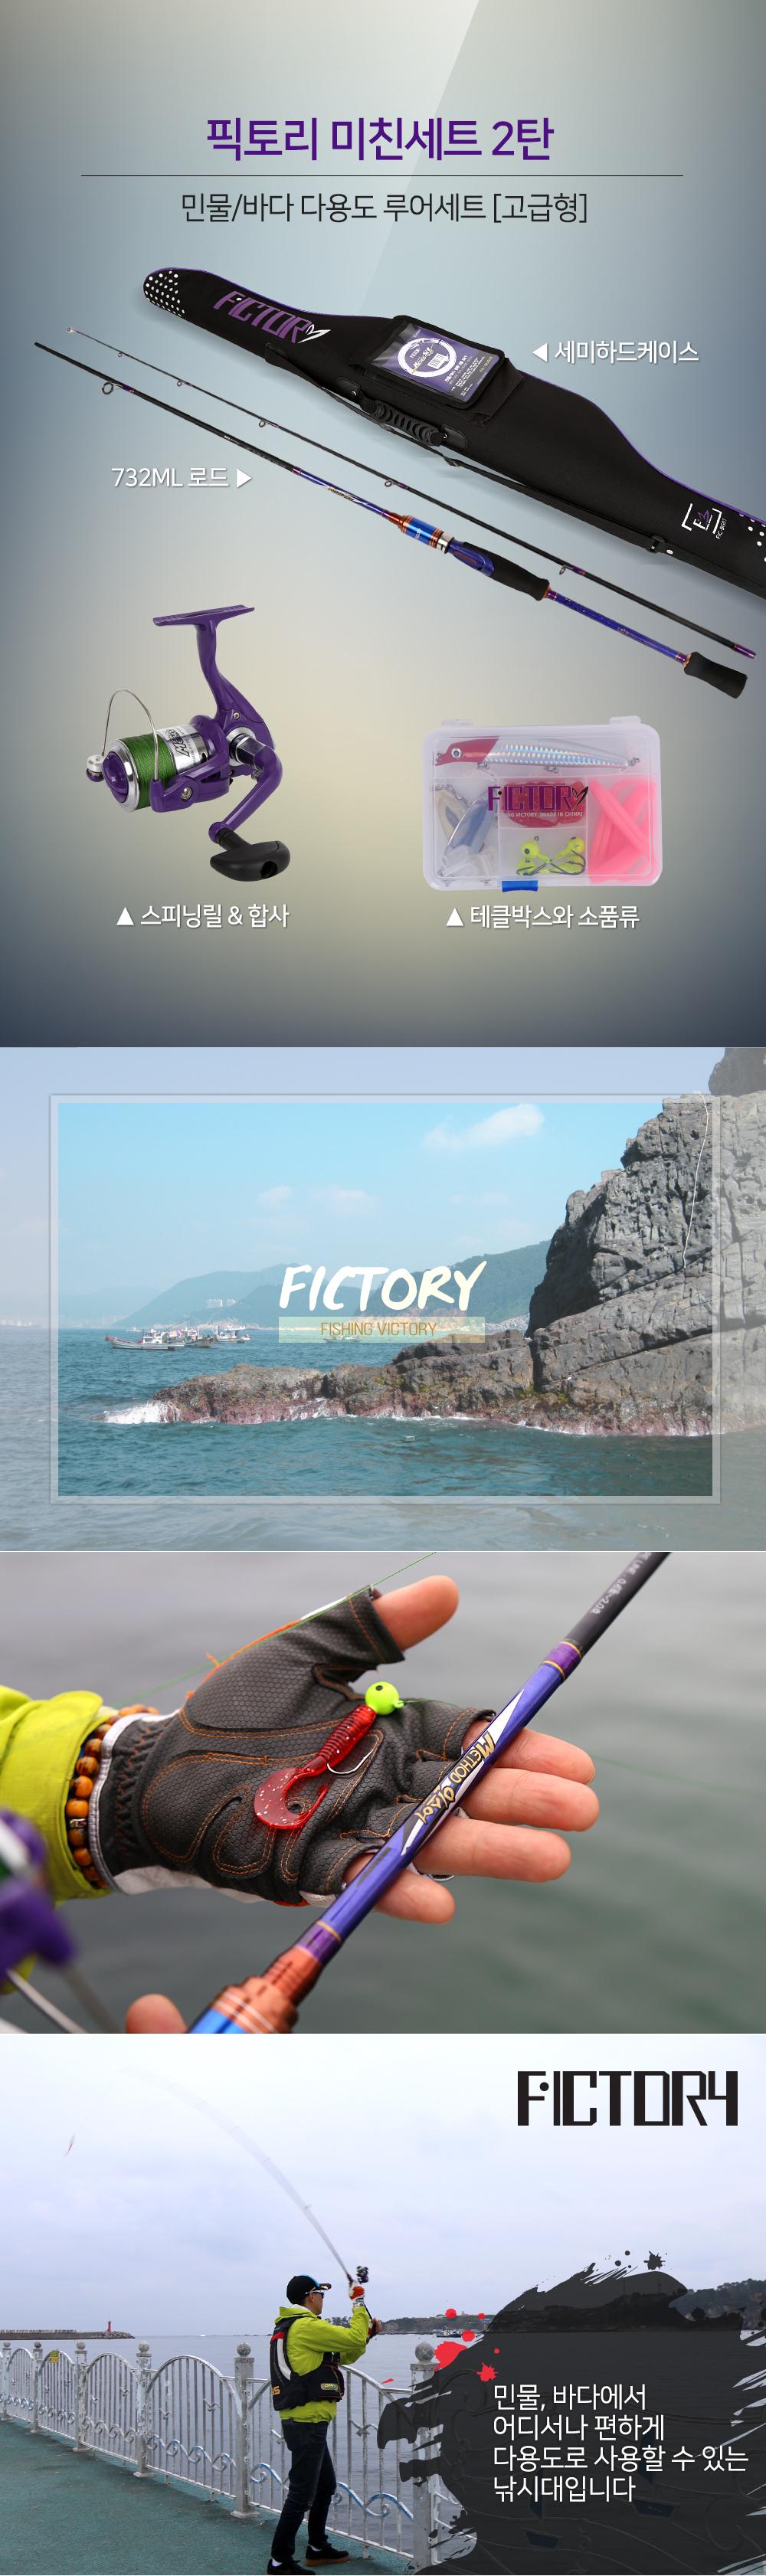 픽토리(FICTORY) 민물/바다 고급형 루어 세트 (FIC-STG01) 픽토리 세트-2탄 바다루어세트 민물루어세트 바다루어낚시대 민물루어낚시대 배스낚시대 루어낚시대 바다다용도루어낚시대 낚시세트 바다낚시세트 민물낚시세트